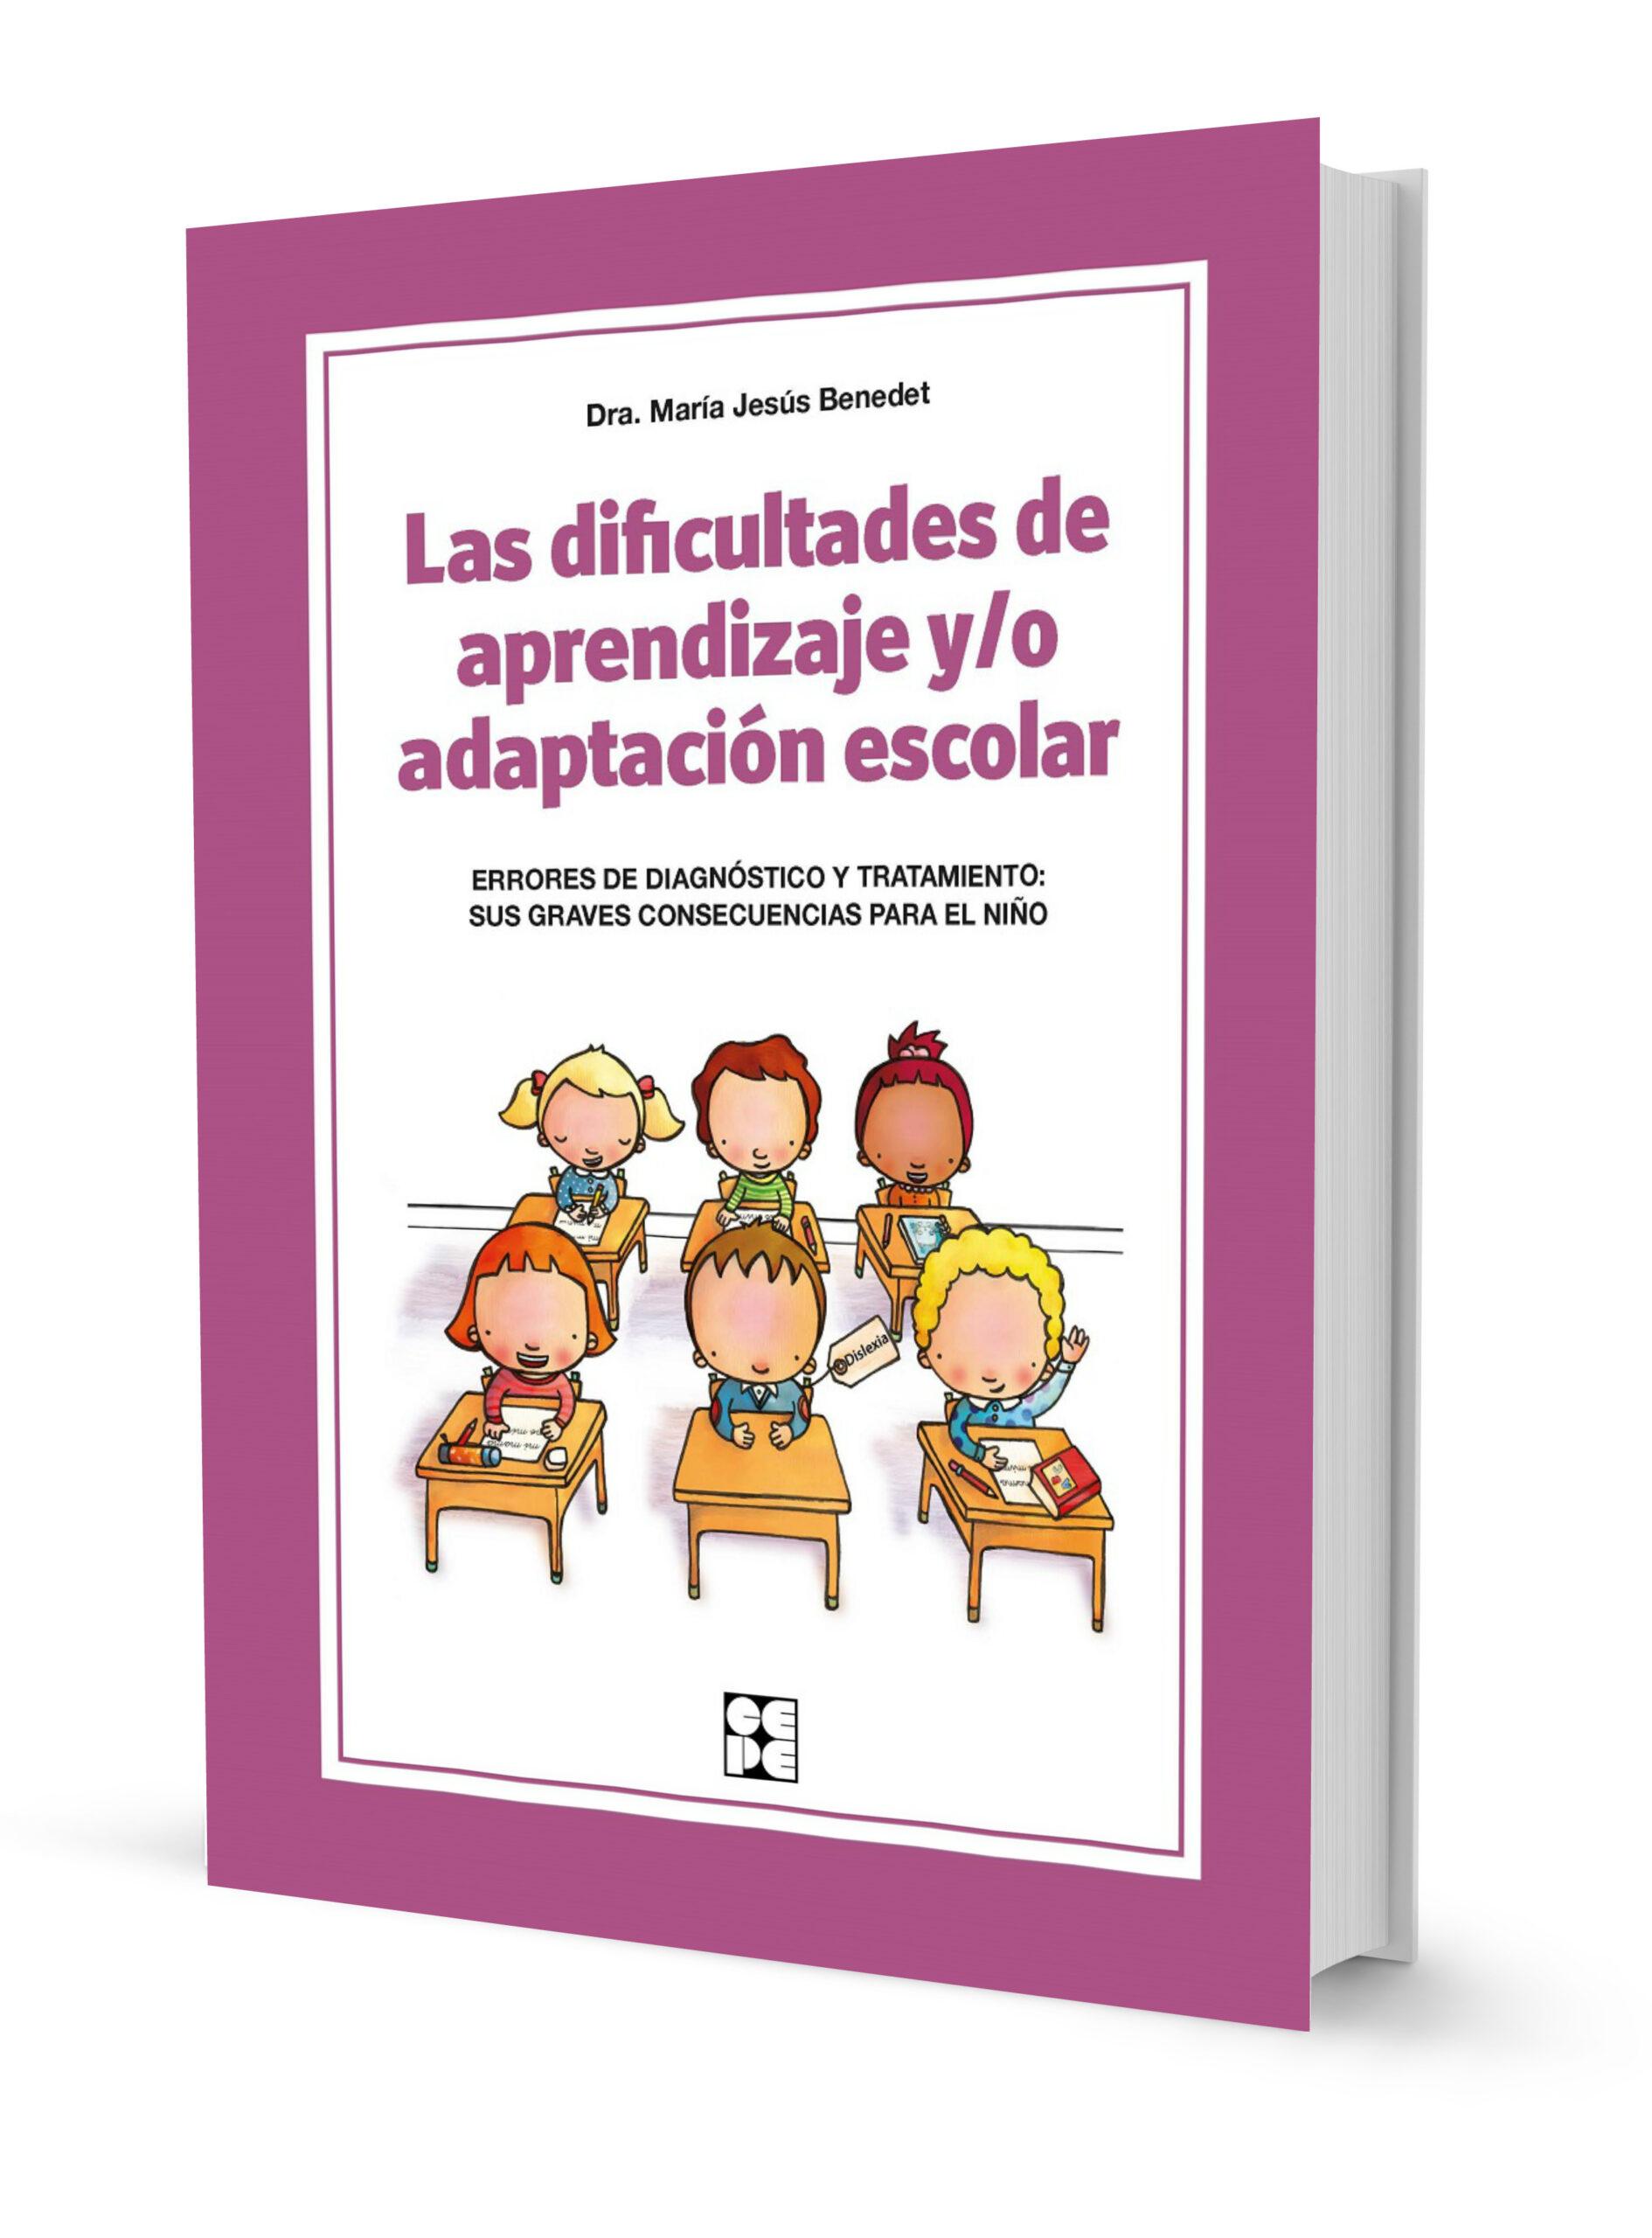 Las dificultades de aprendizaje y/o adaptación escolar. Errores de diagnóstico y tratamiento